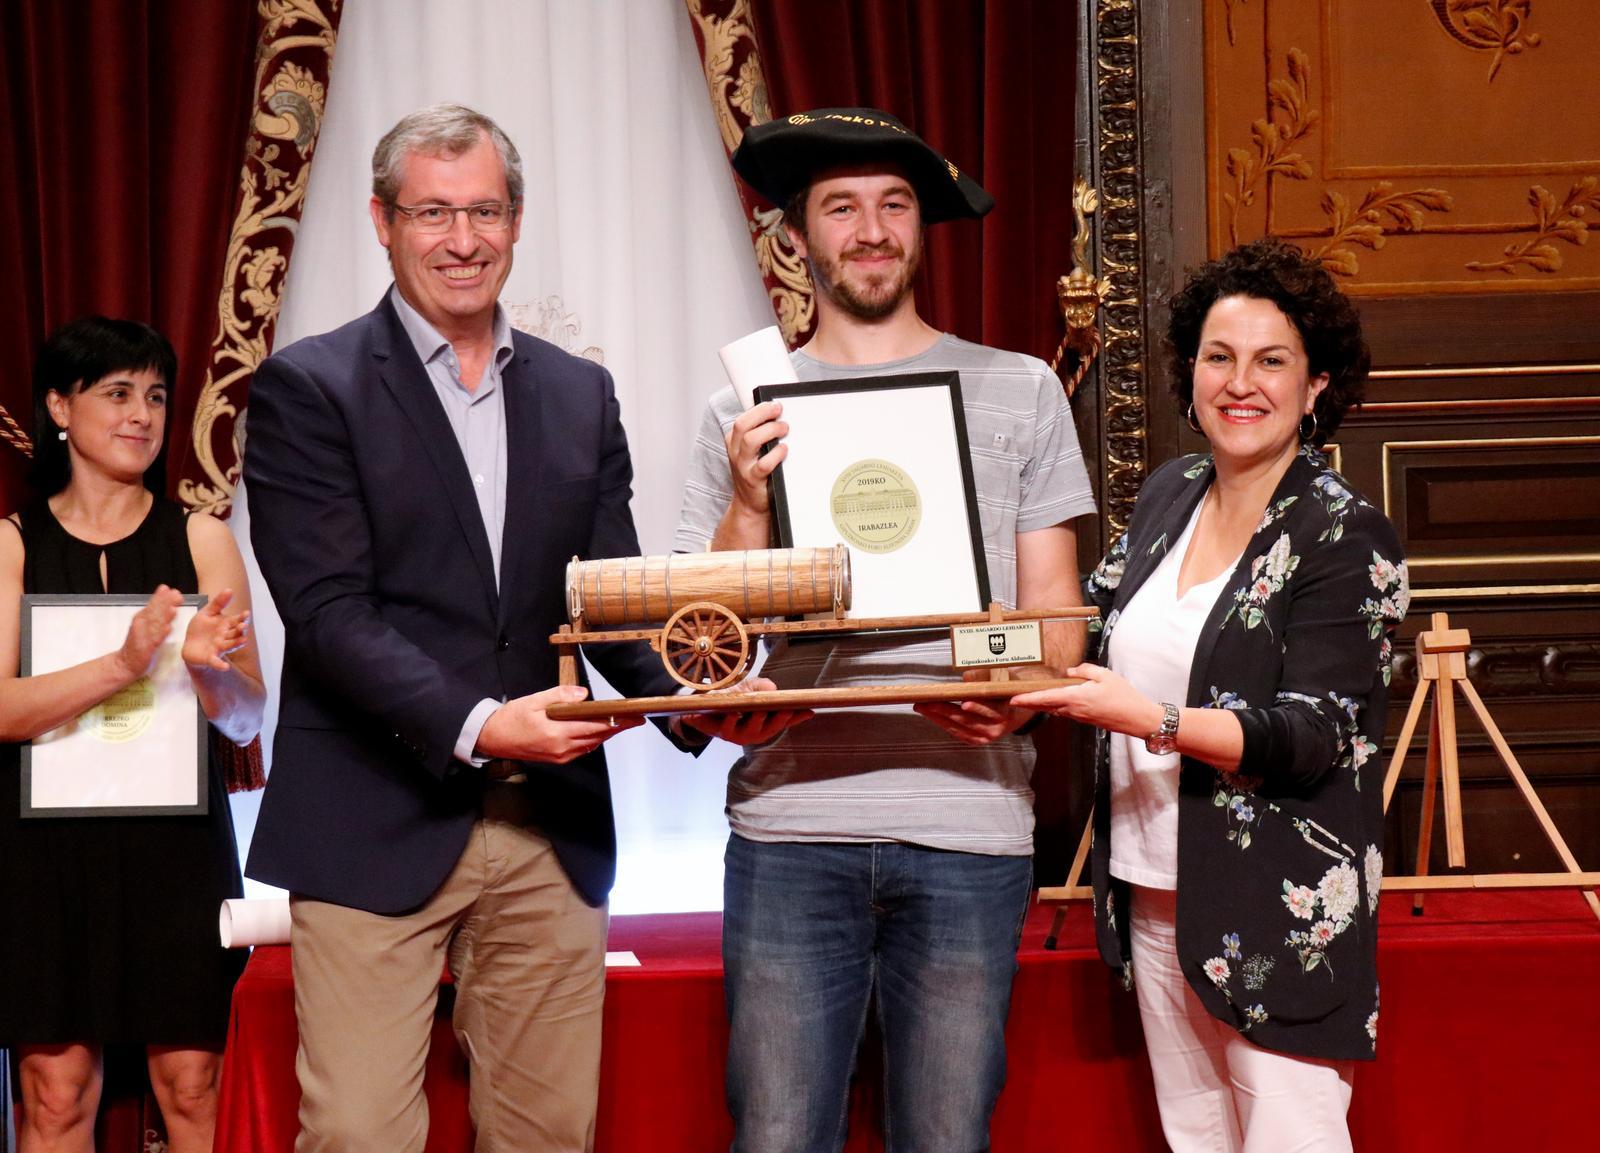 Isastegi  sagardotegiak  irabazi  du  Gipuzkoako  Foru  Aldundiaren  XVIII.  Sagardo  Lehiaketa